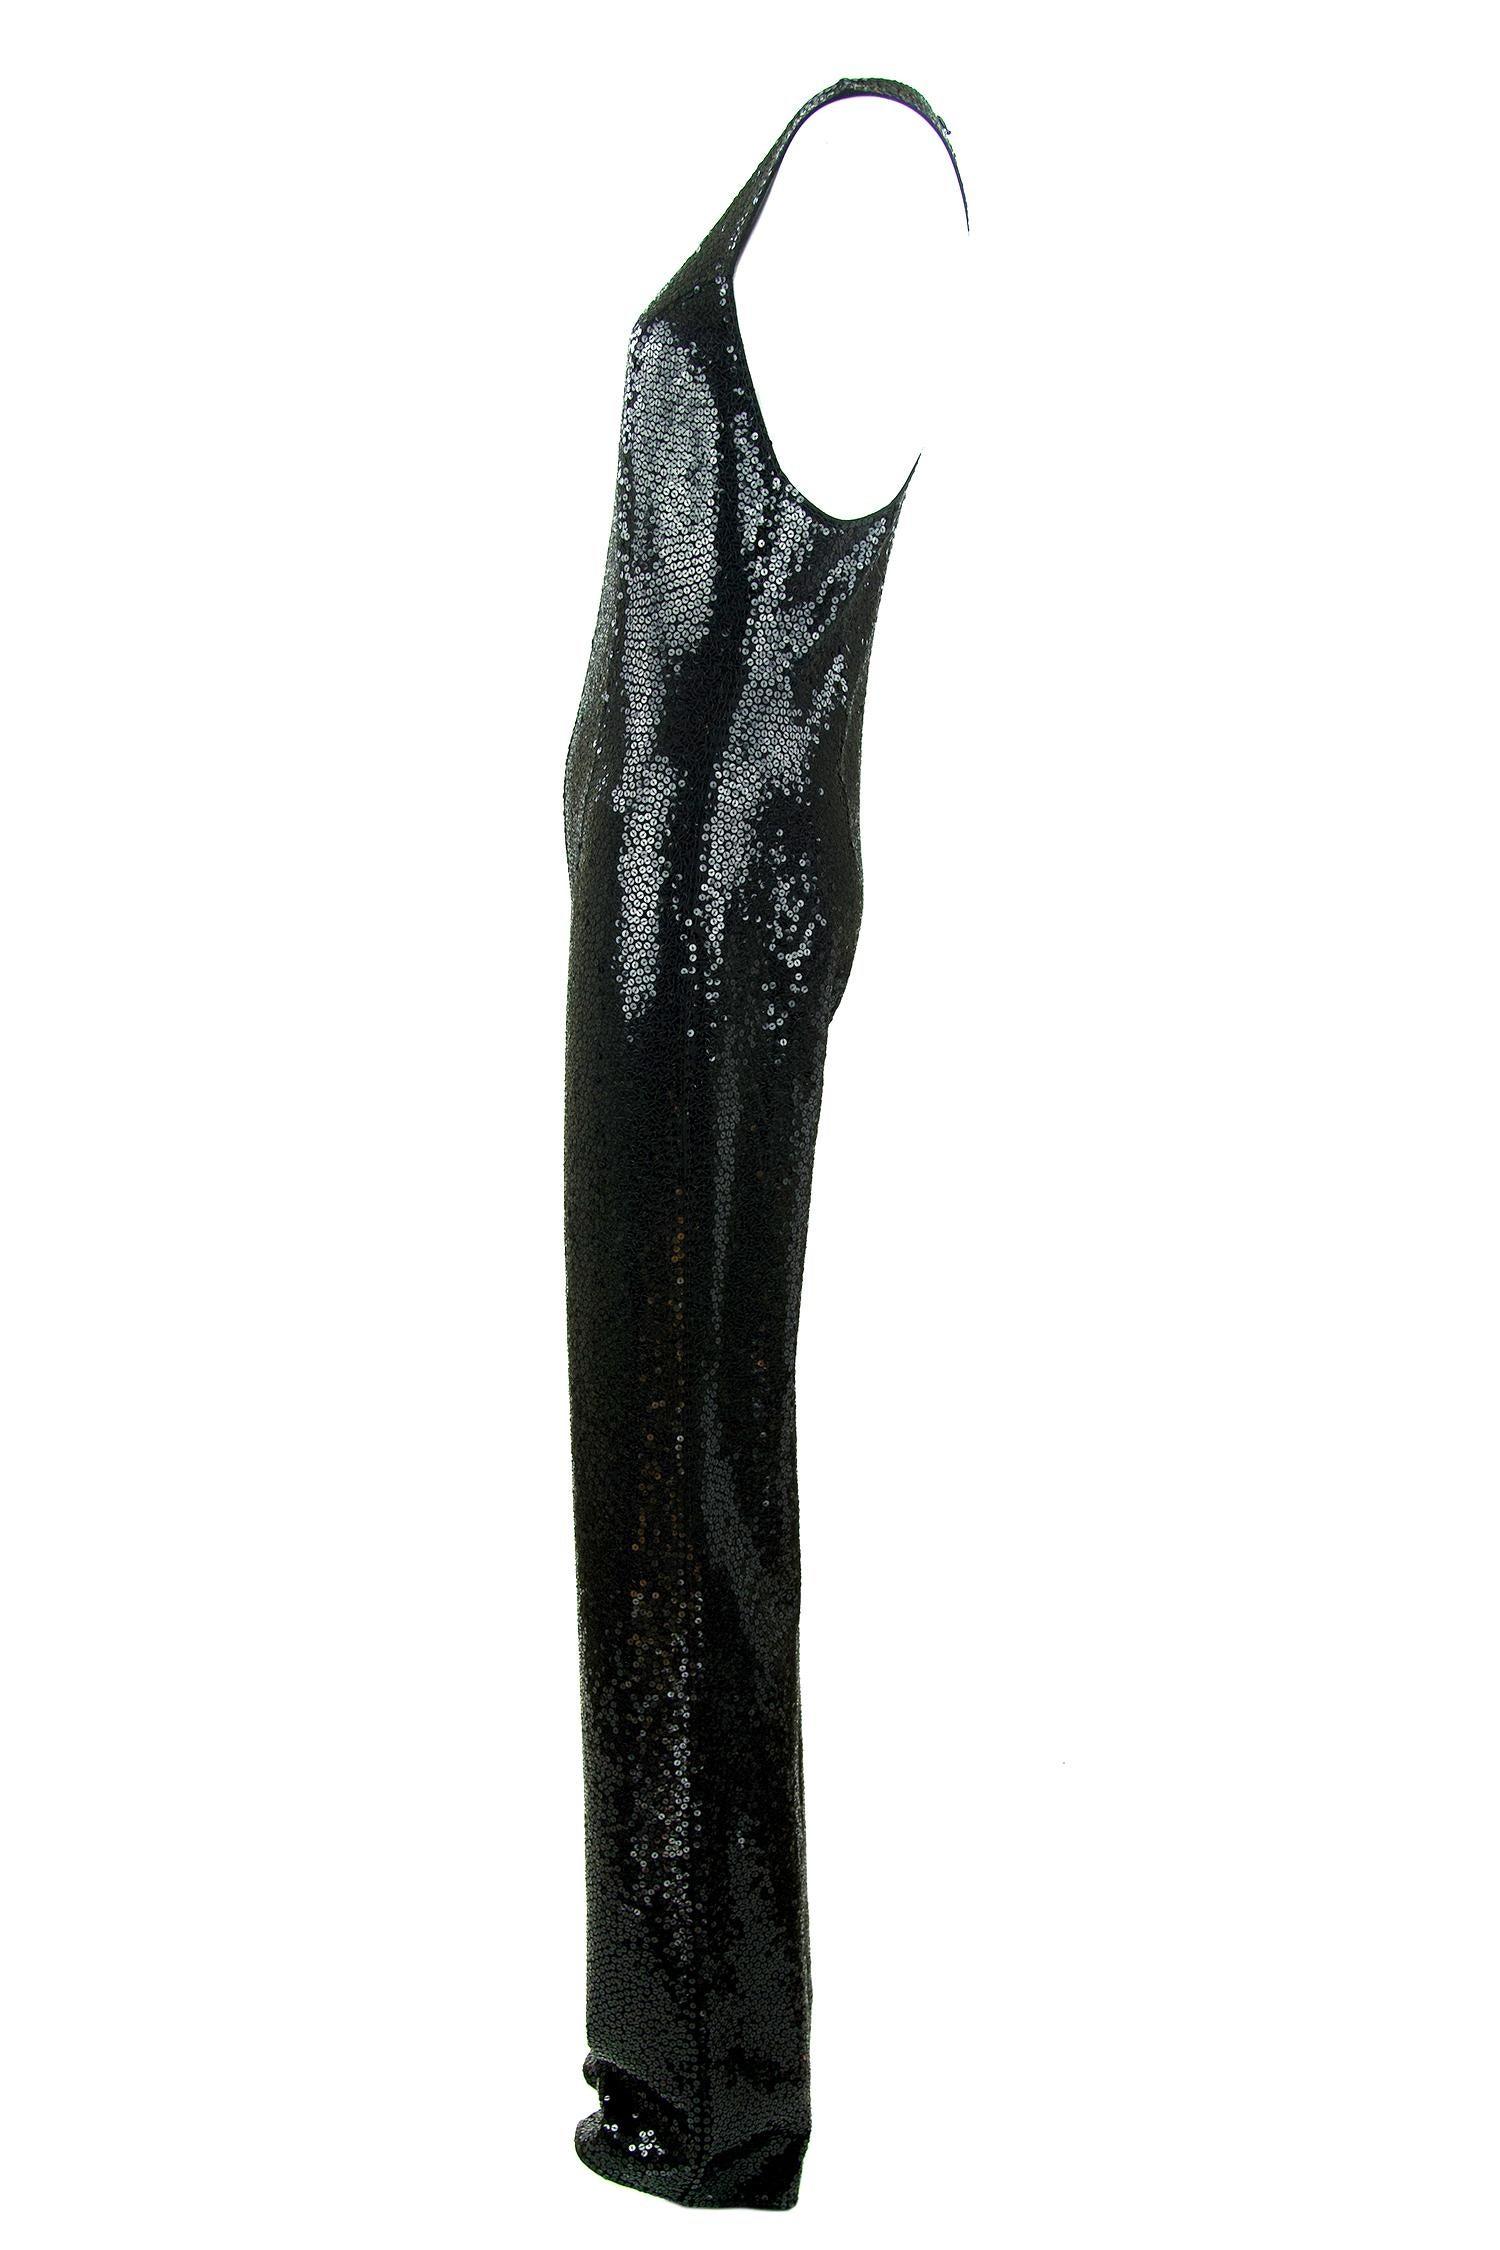 d255a4153df5c9 Michael Kors Schwarzer Pailletten Overall Jumpsuit - Größe 2 im Angebot bei  1stdibs